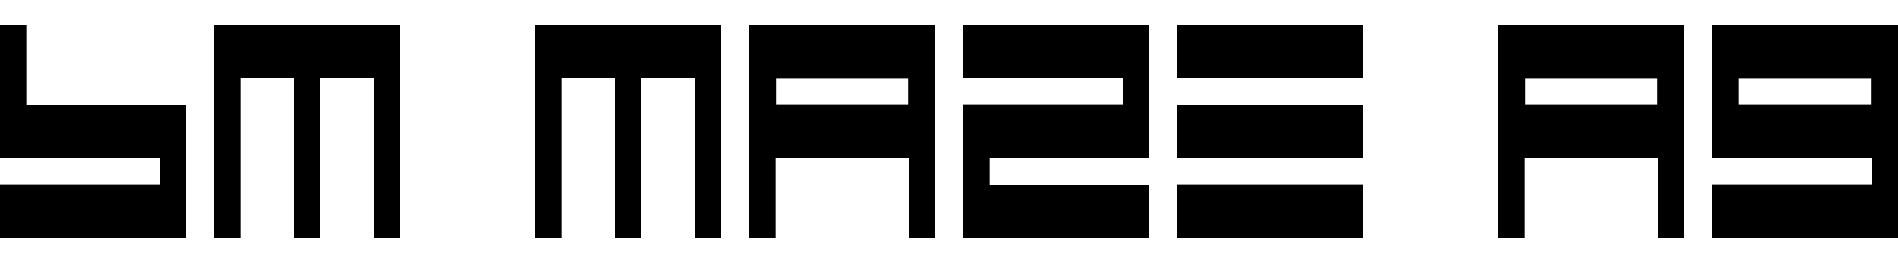 BM maze A9